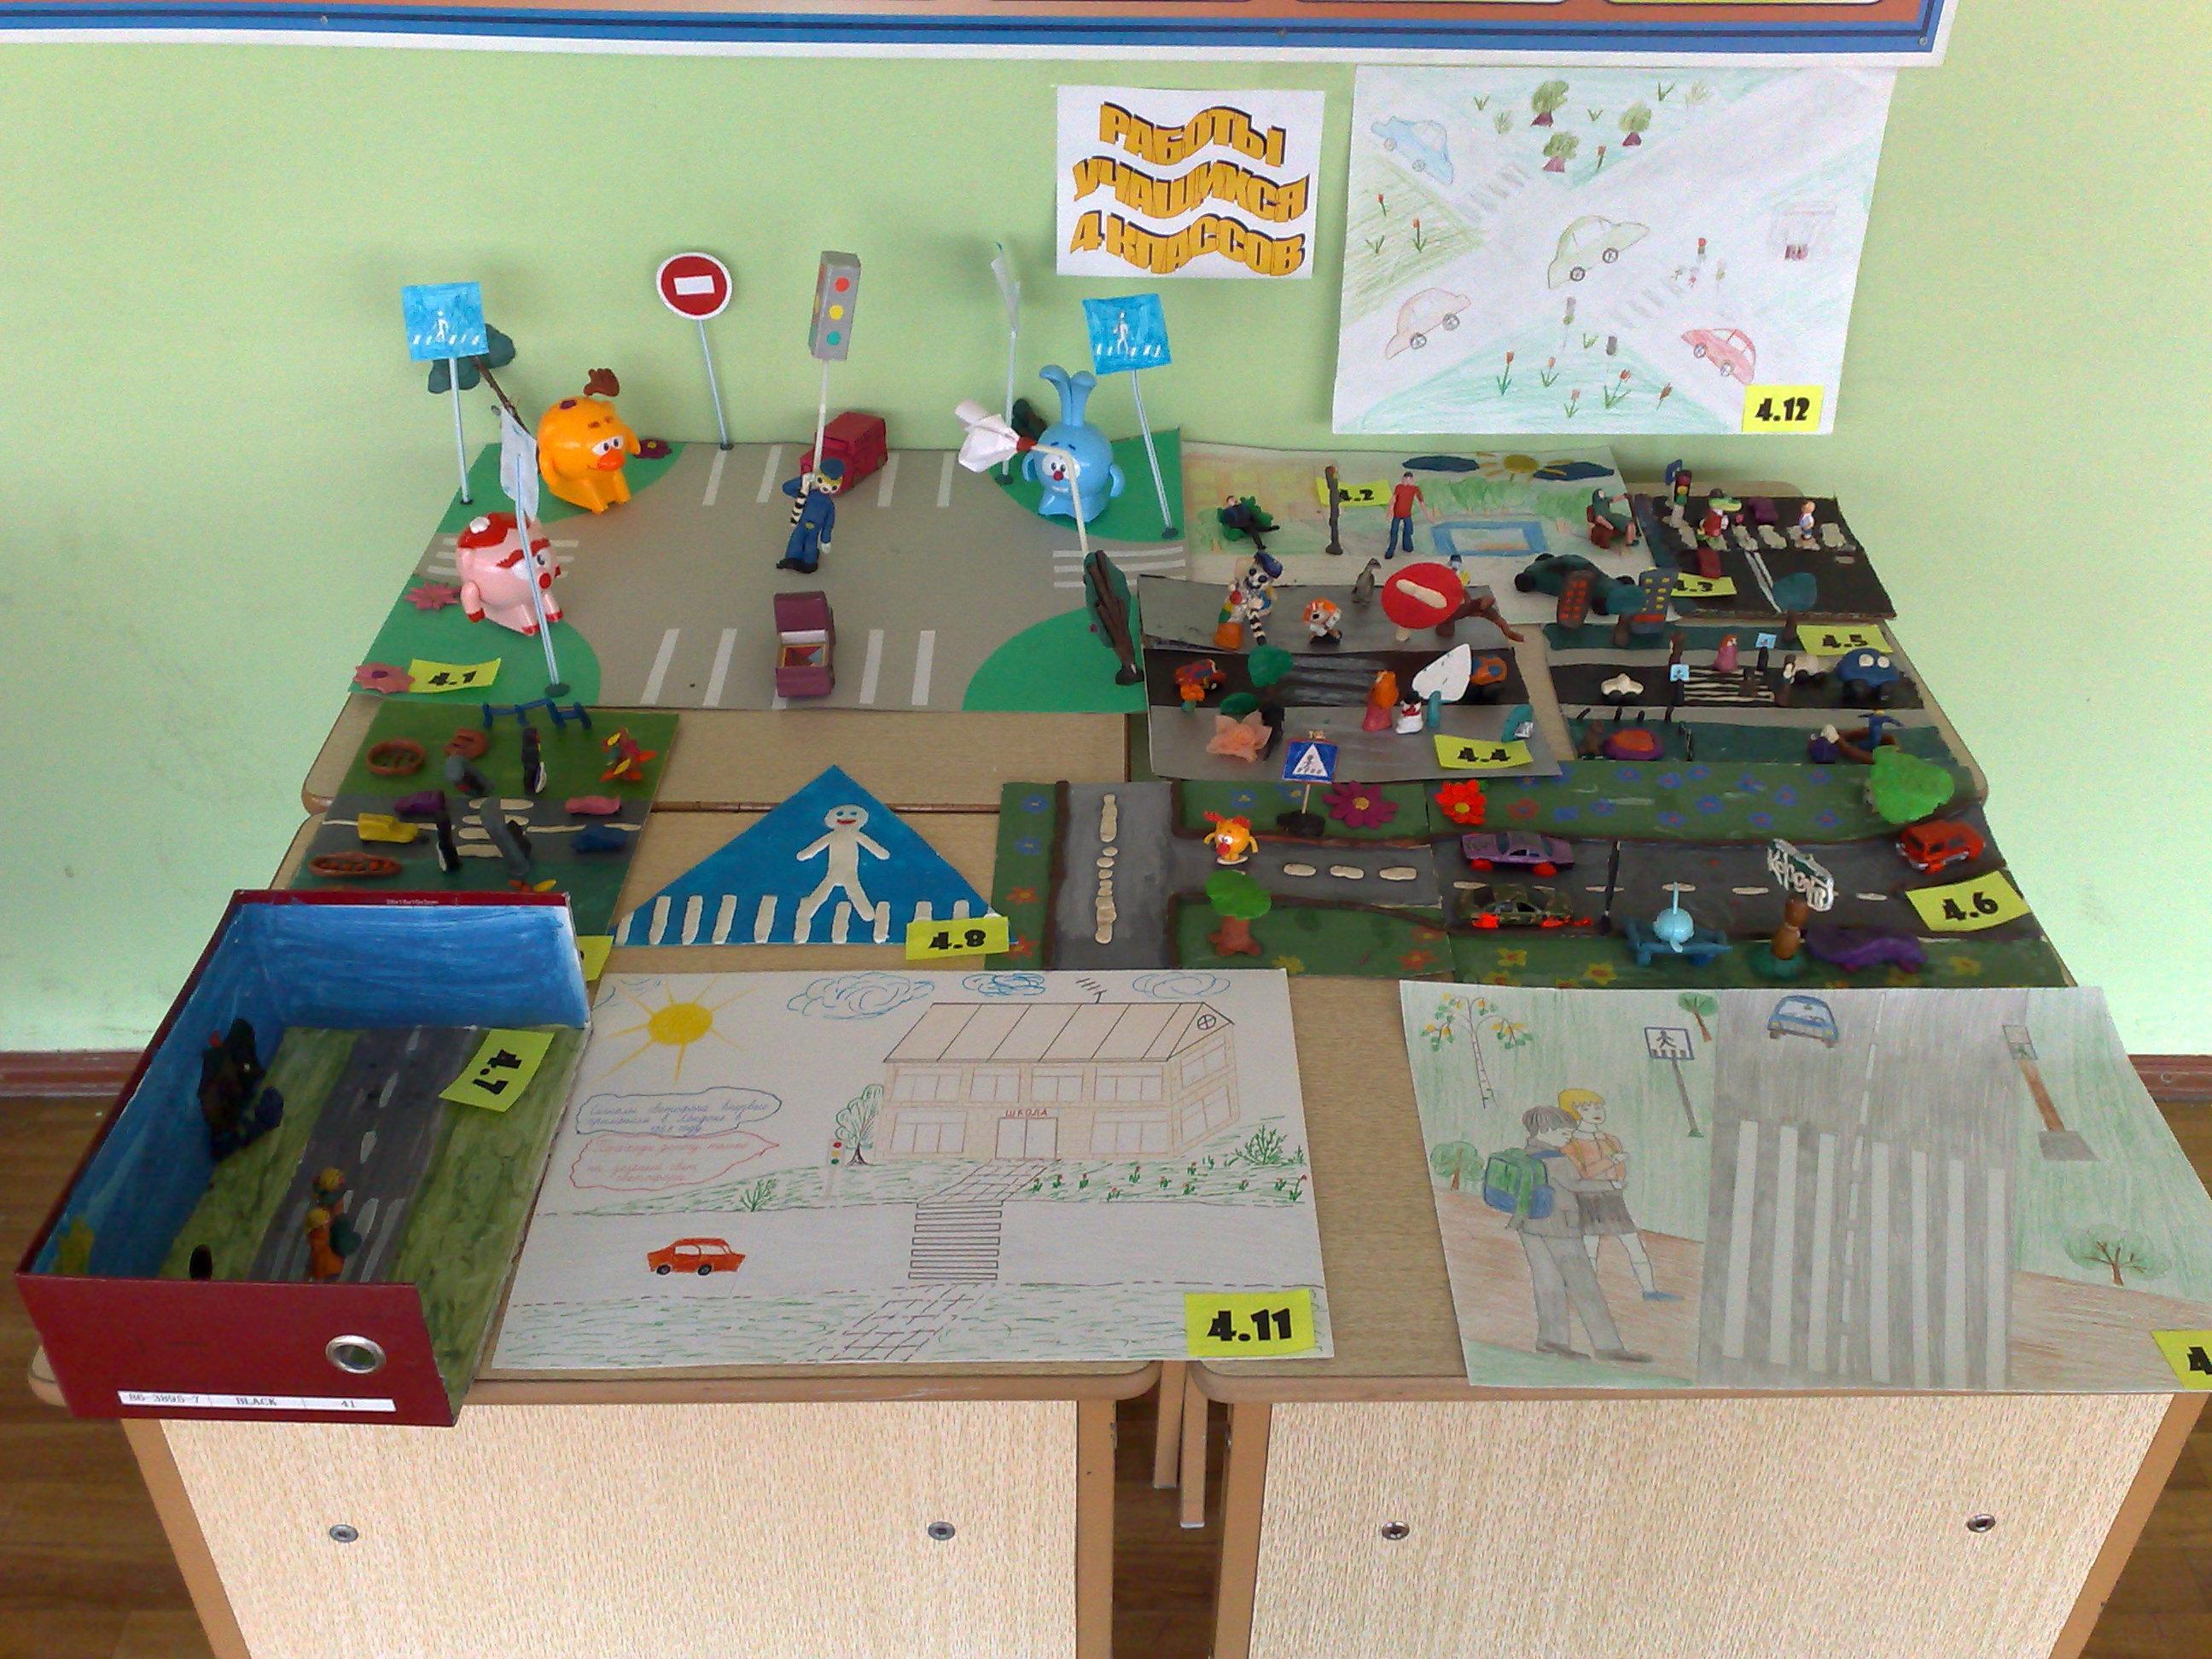 Поделка на тему дорожное движение в школу фото